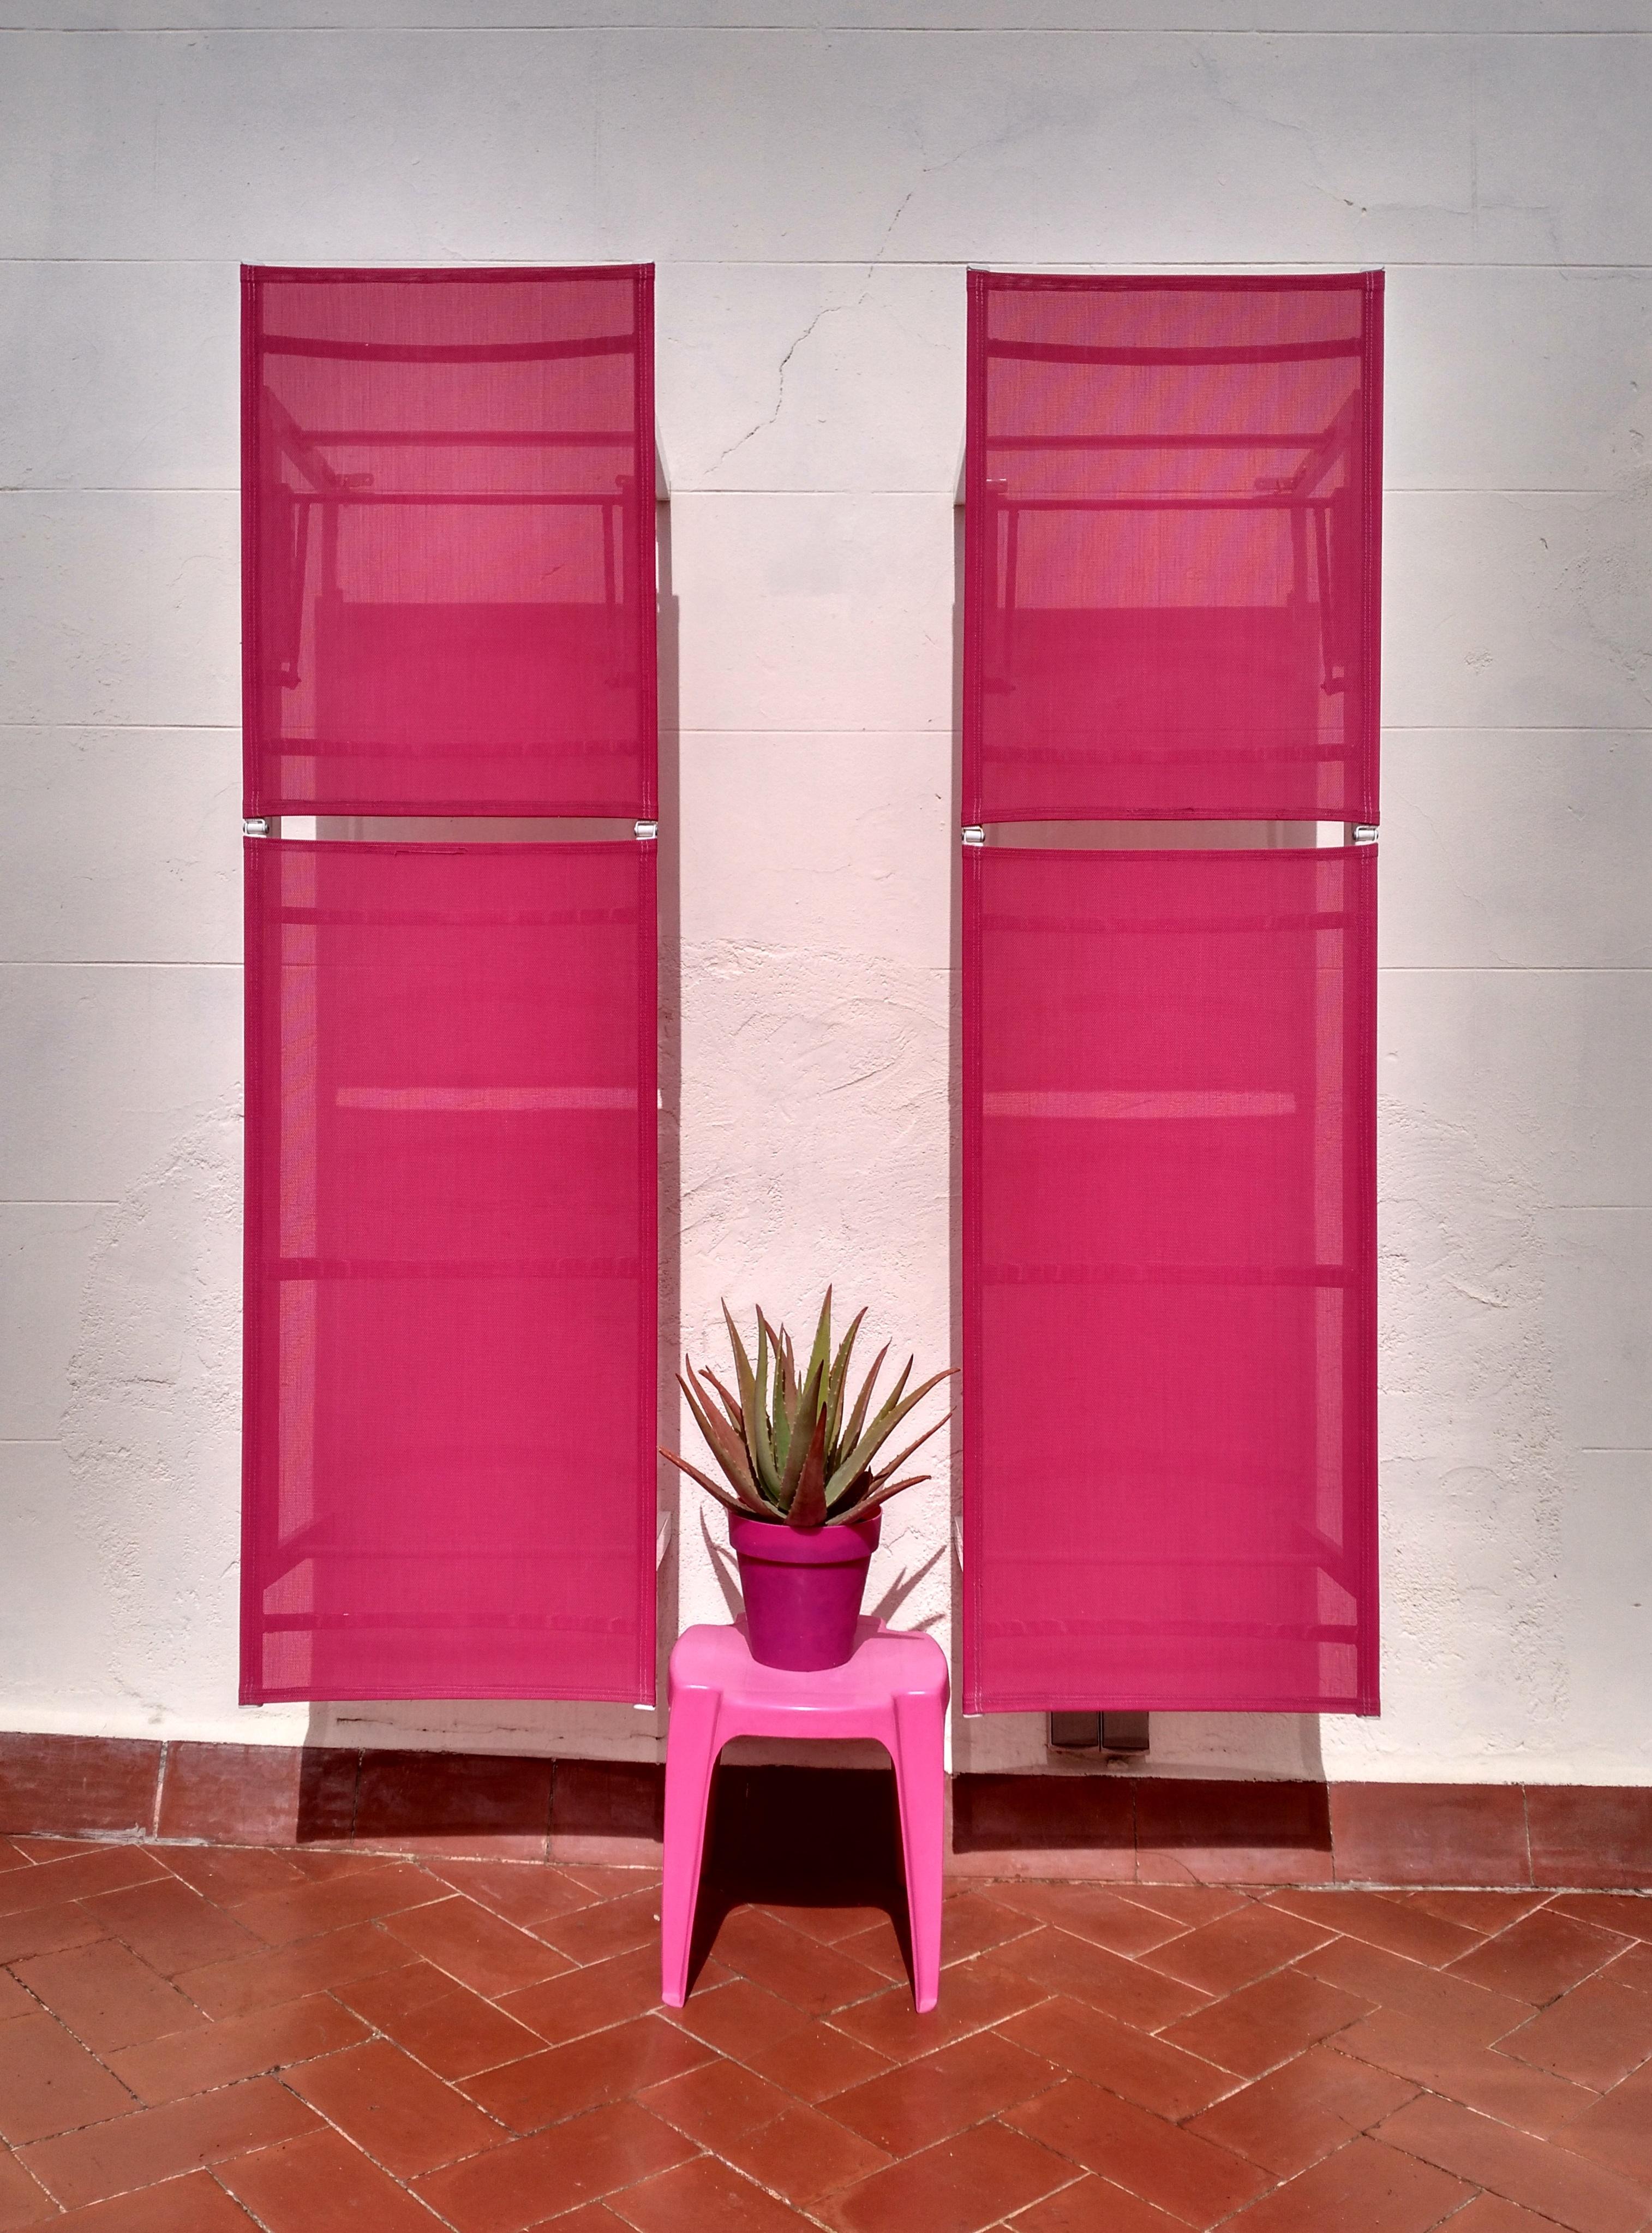 Fotos gratis : cactus, blanco, piso, pared, simétrico, primavera ...